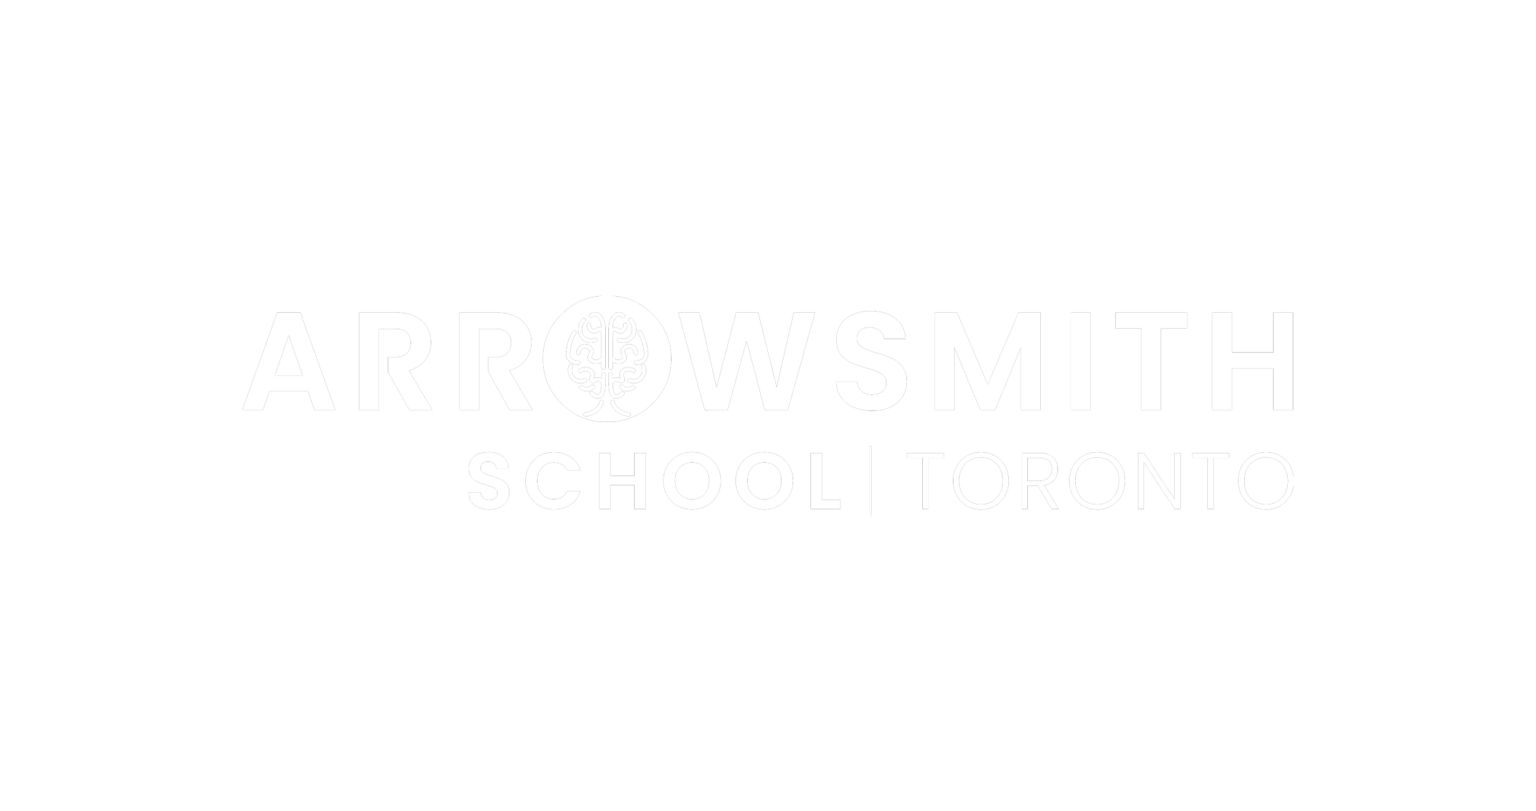 Arrowsmith-School-Toronto-White